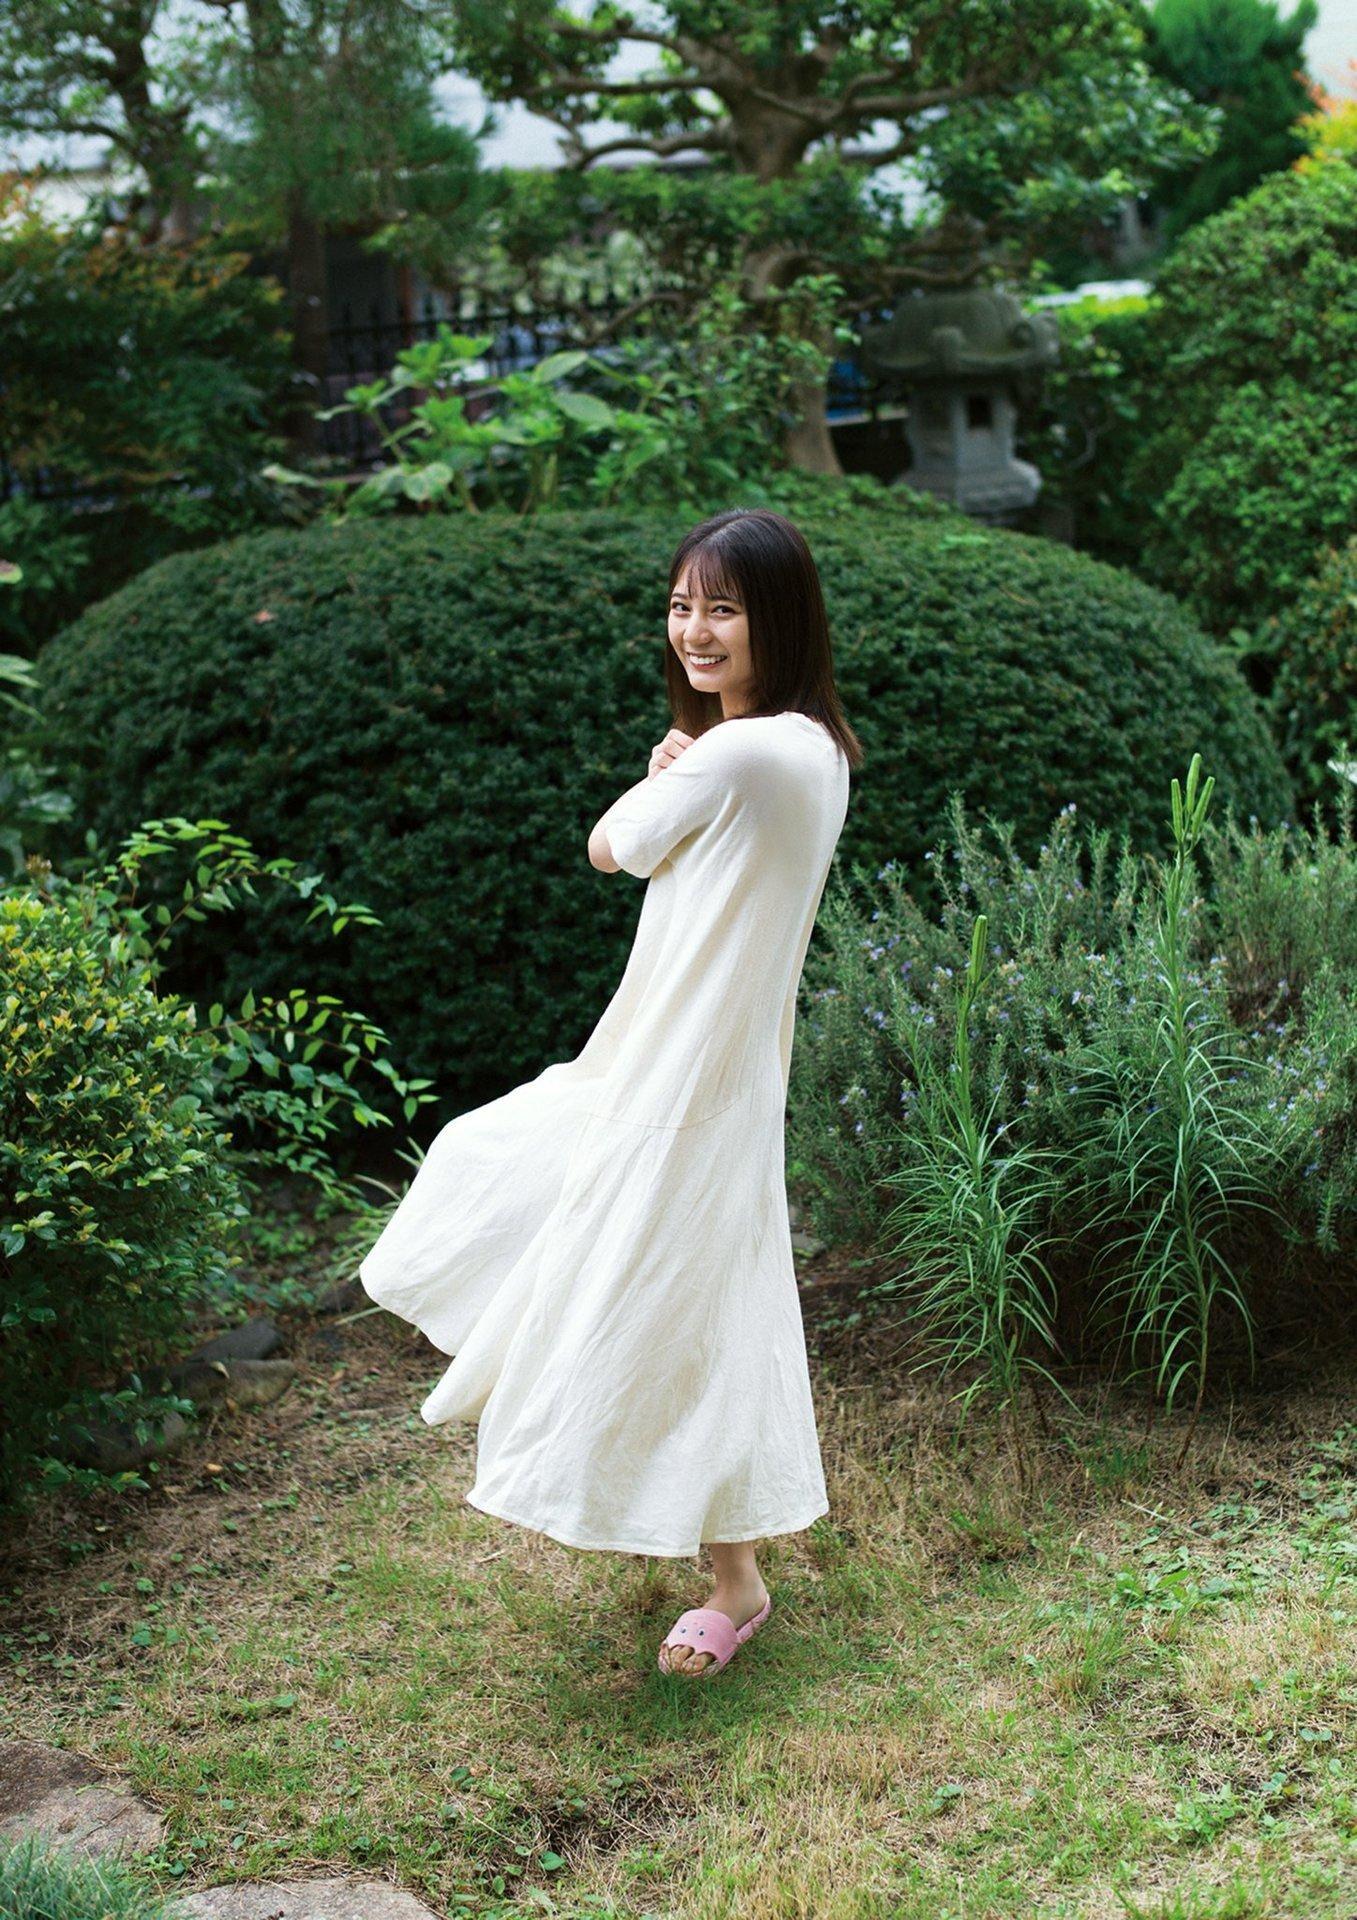 日向坂46不动王牌「小坂菜绪」,纯爱视角眼神不断放电强迫让人恋爱-新图包